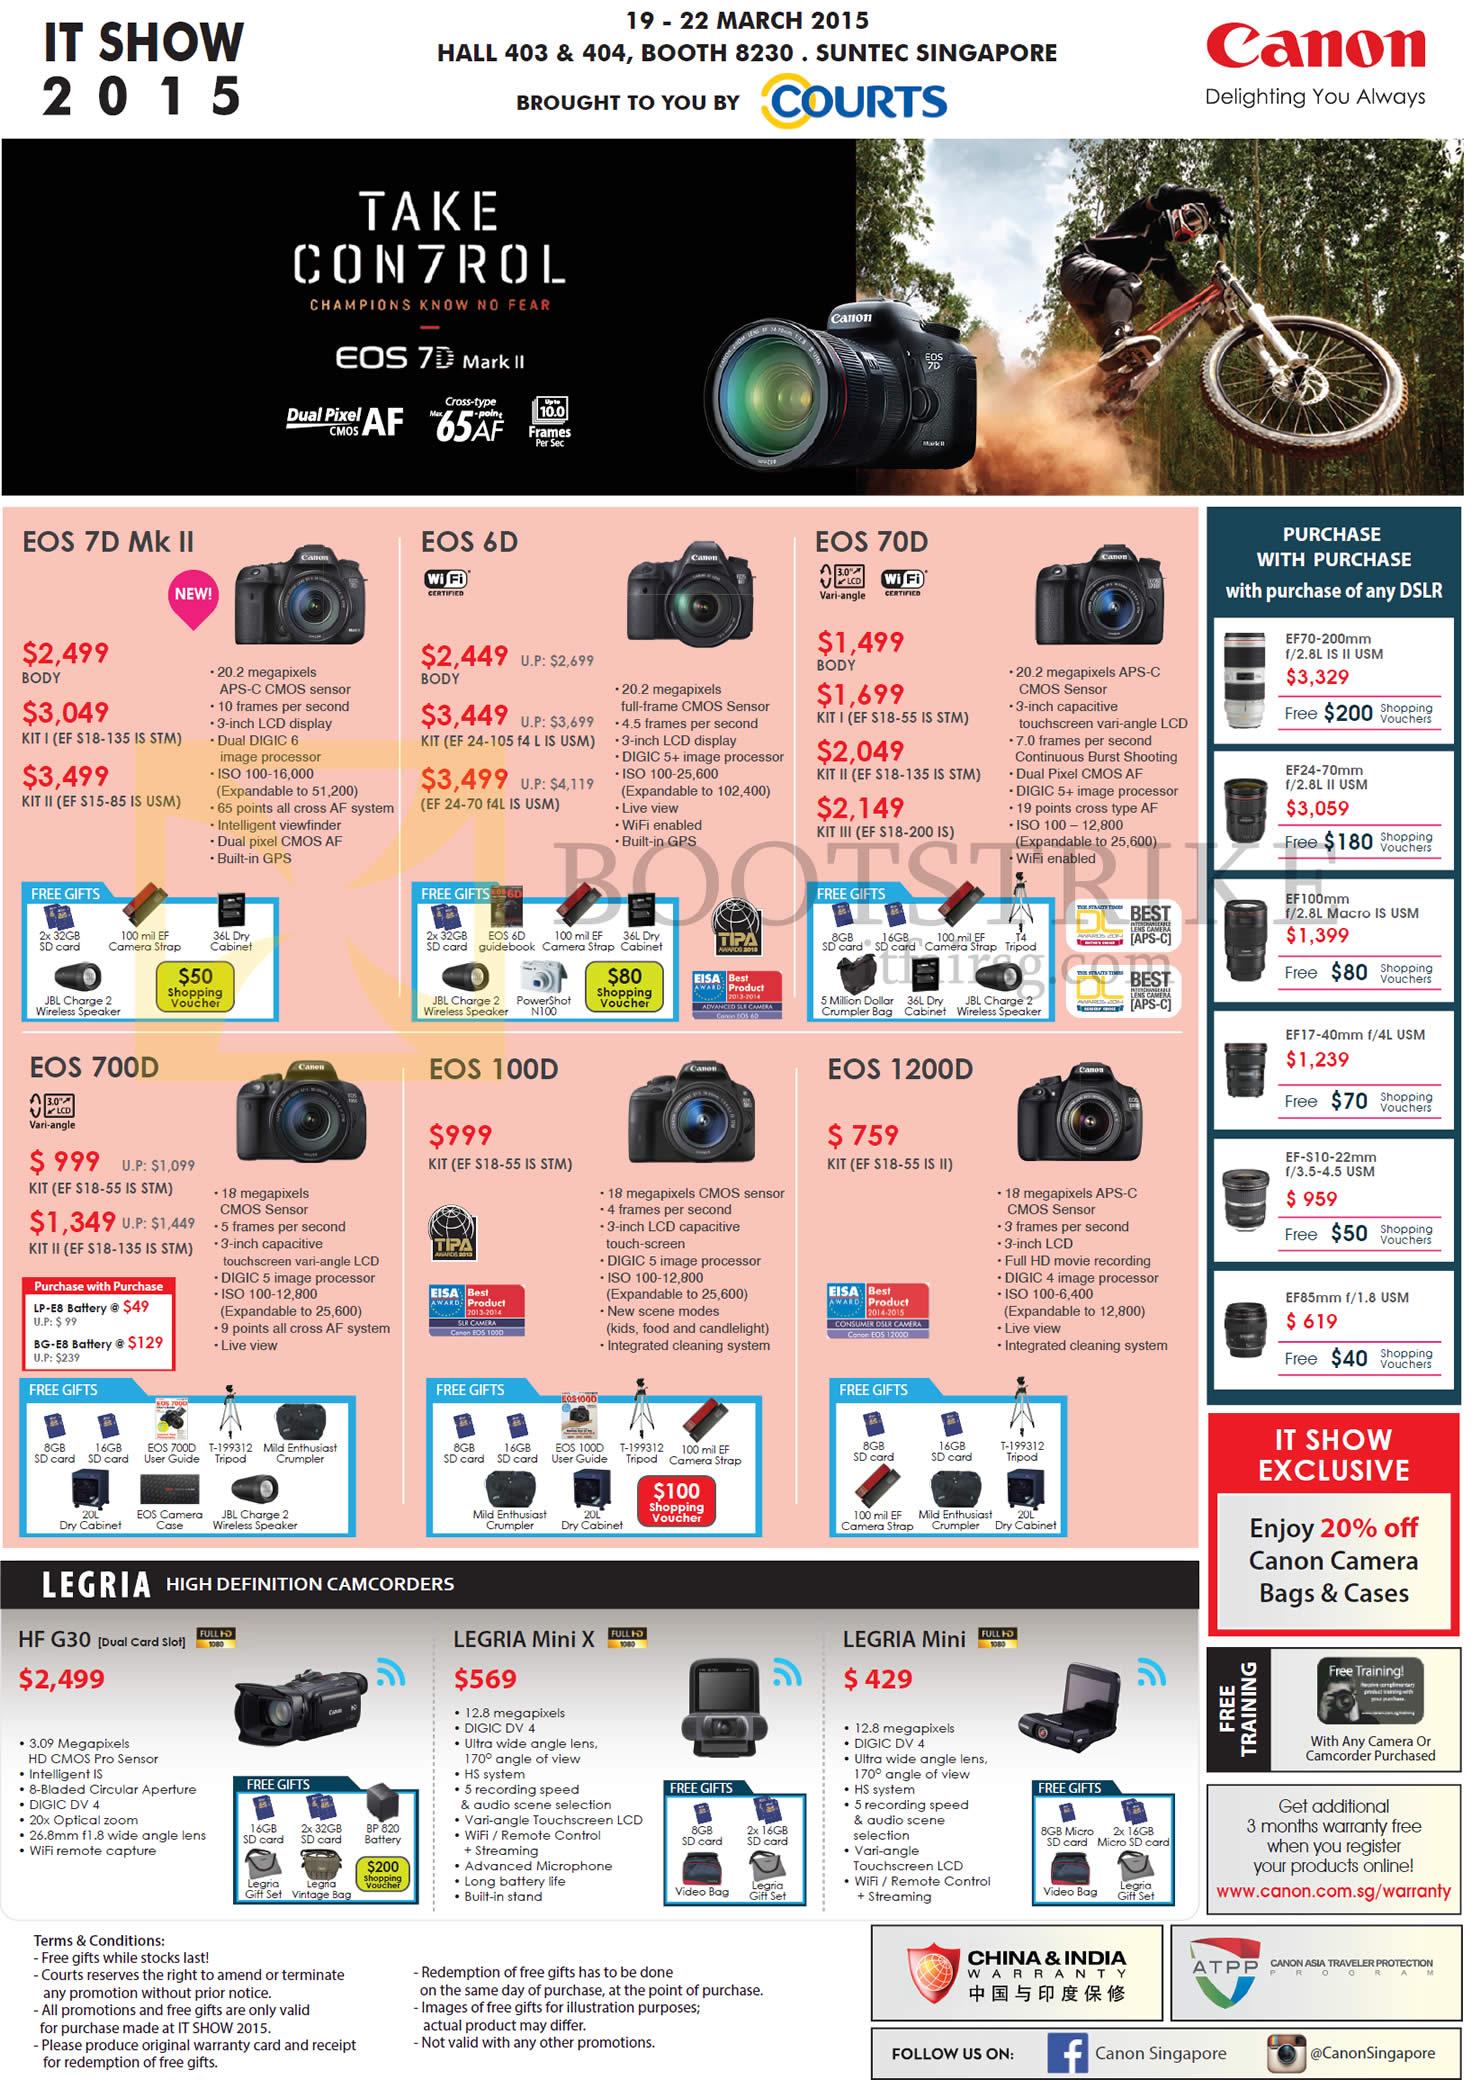 Canon DSLR Digital Cameras, EOS 7D Mk II, 6D, 70D, 700D, 100D, 1200D, Legria, HF G30, Mini X, Mini